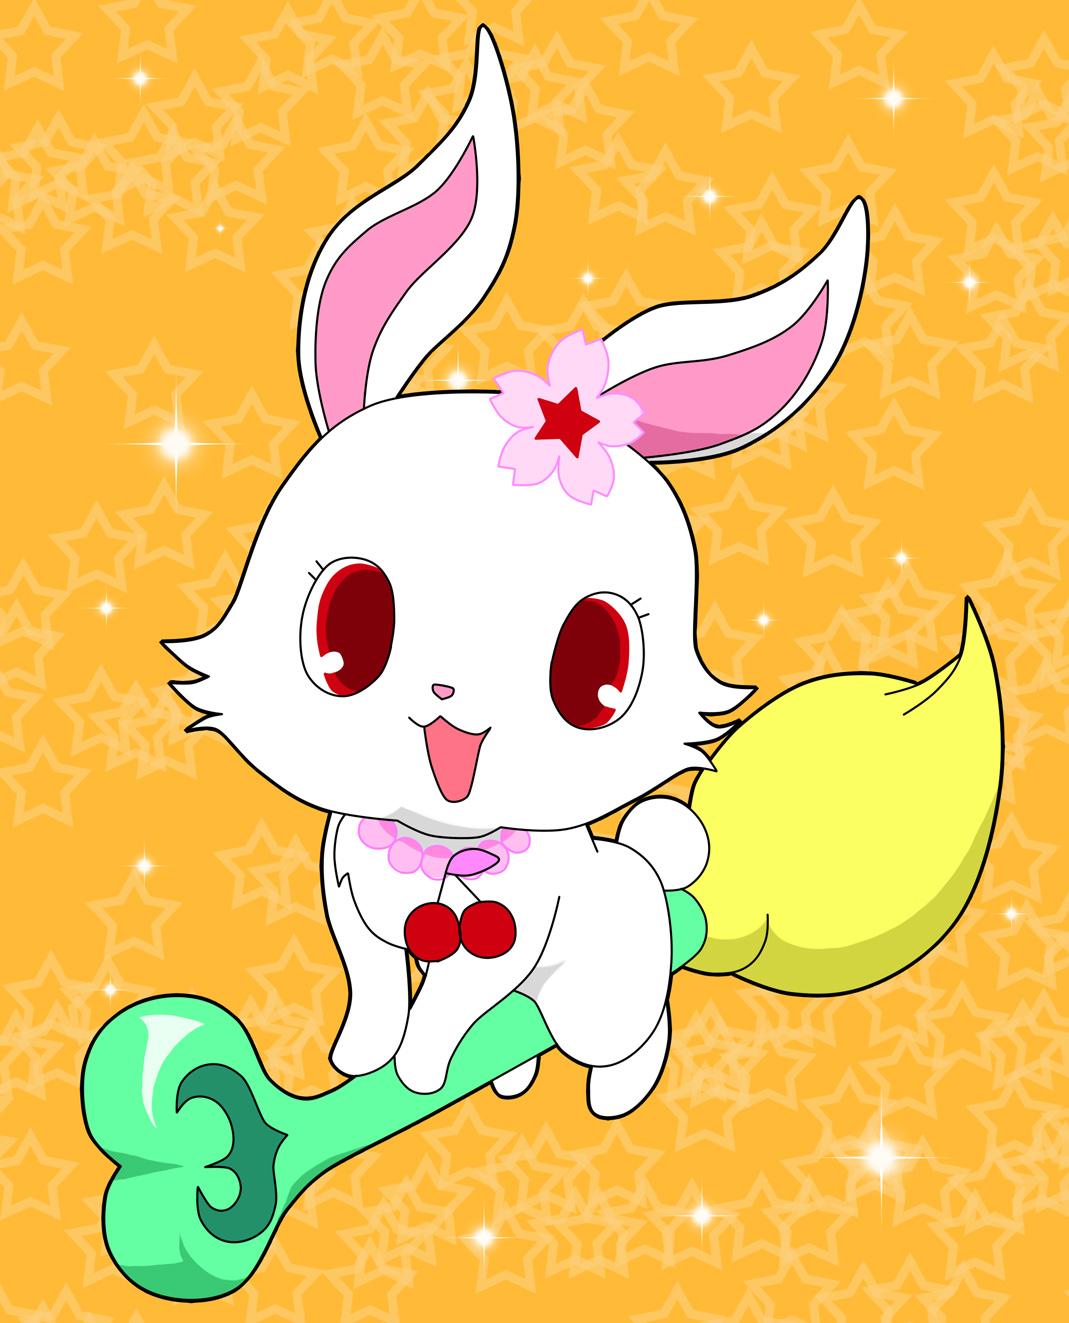 Cute Garnet Wallpaper Jewel Pets Fanart Page 9 Zerochan Anime Image Board